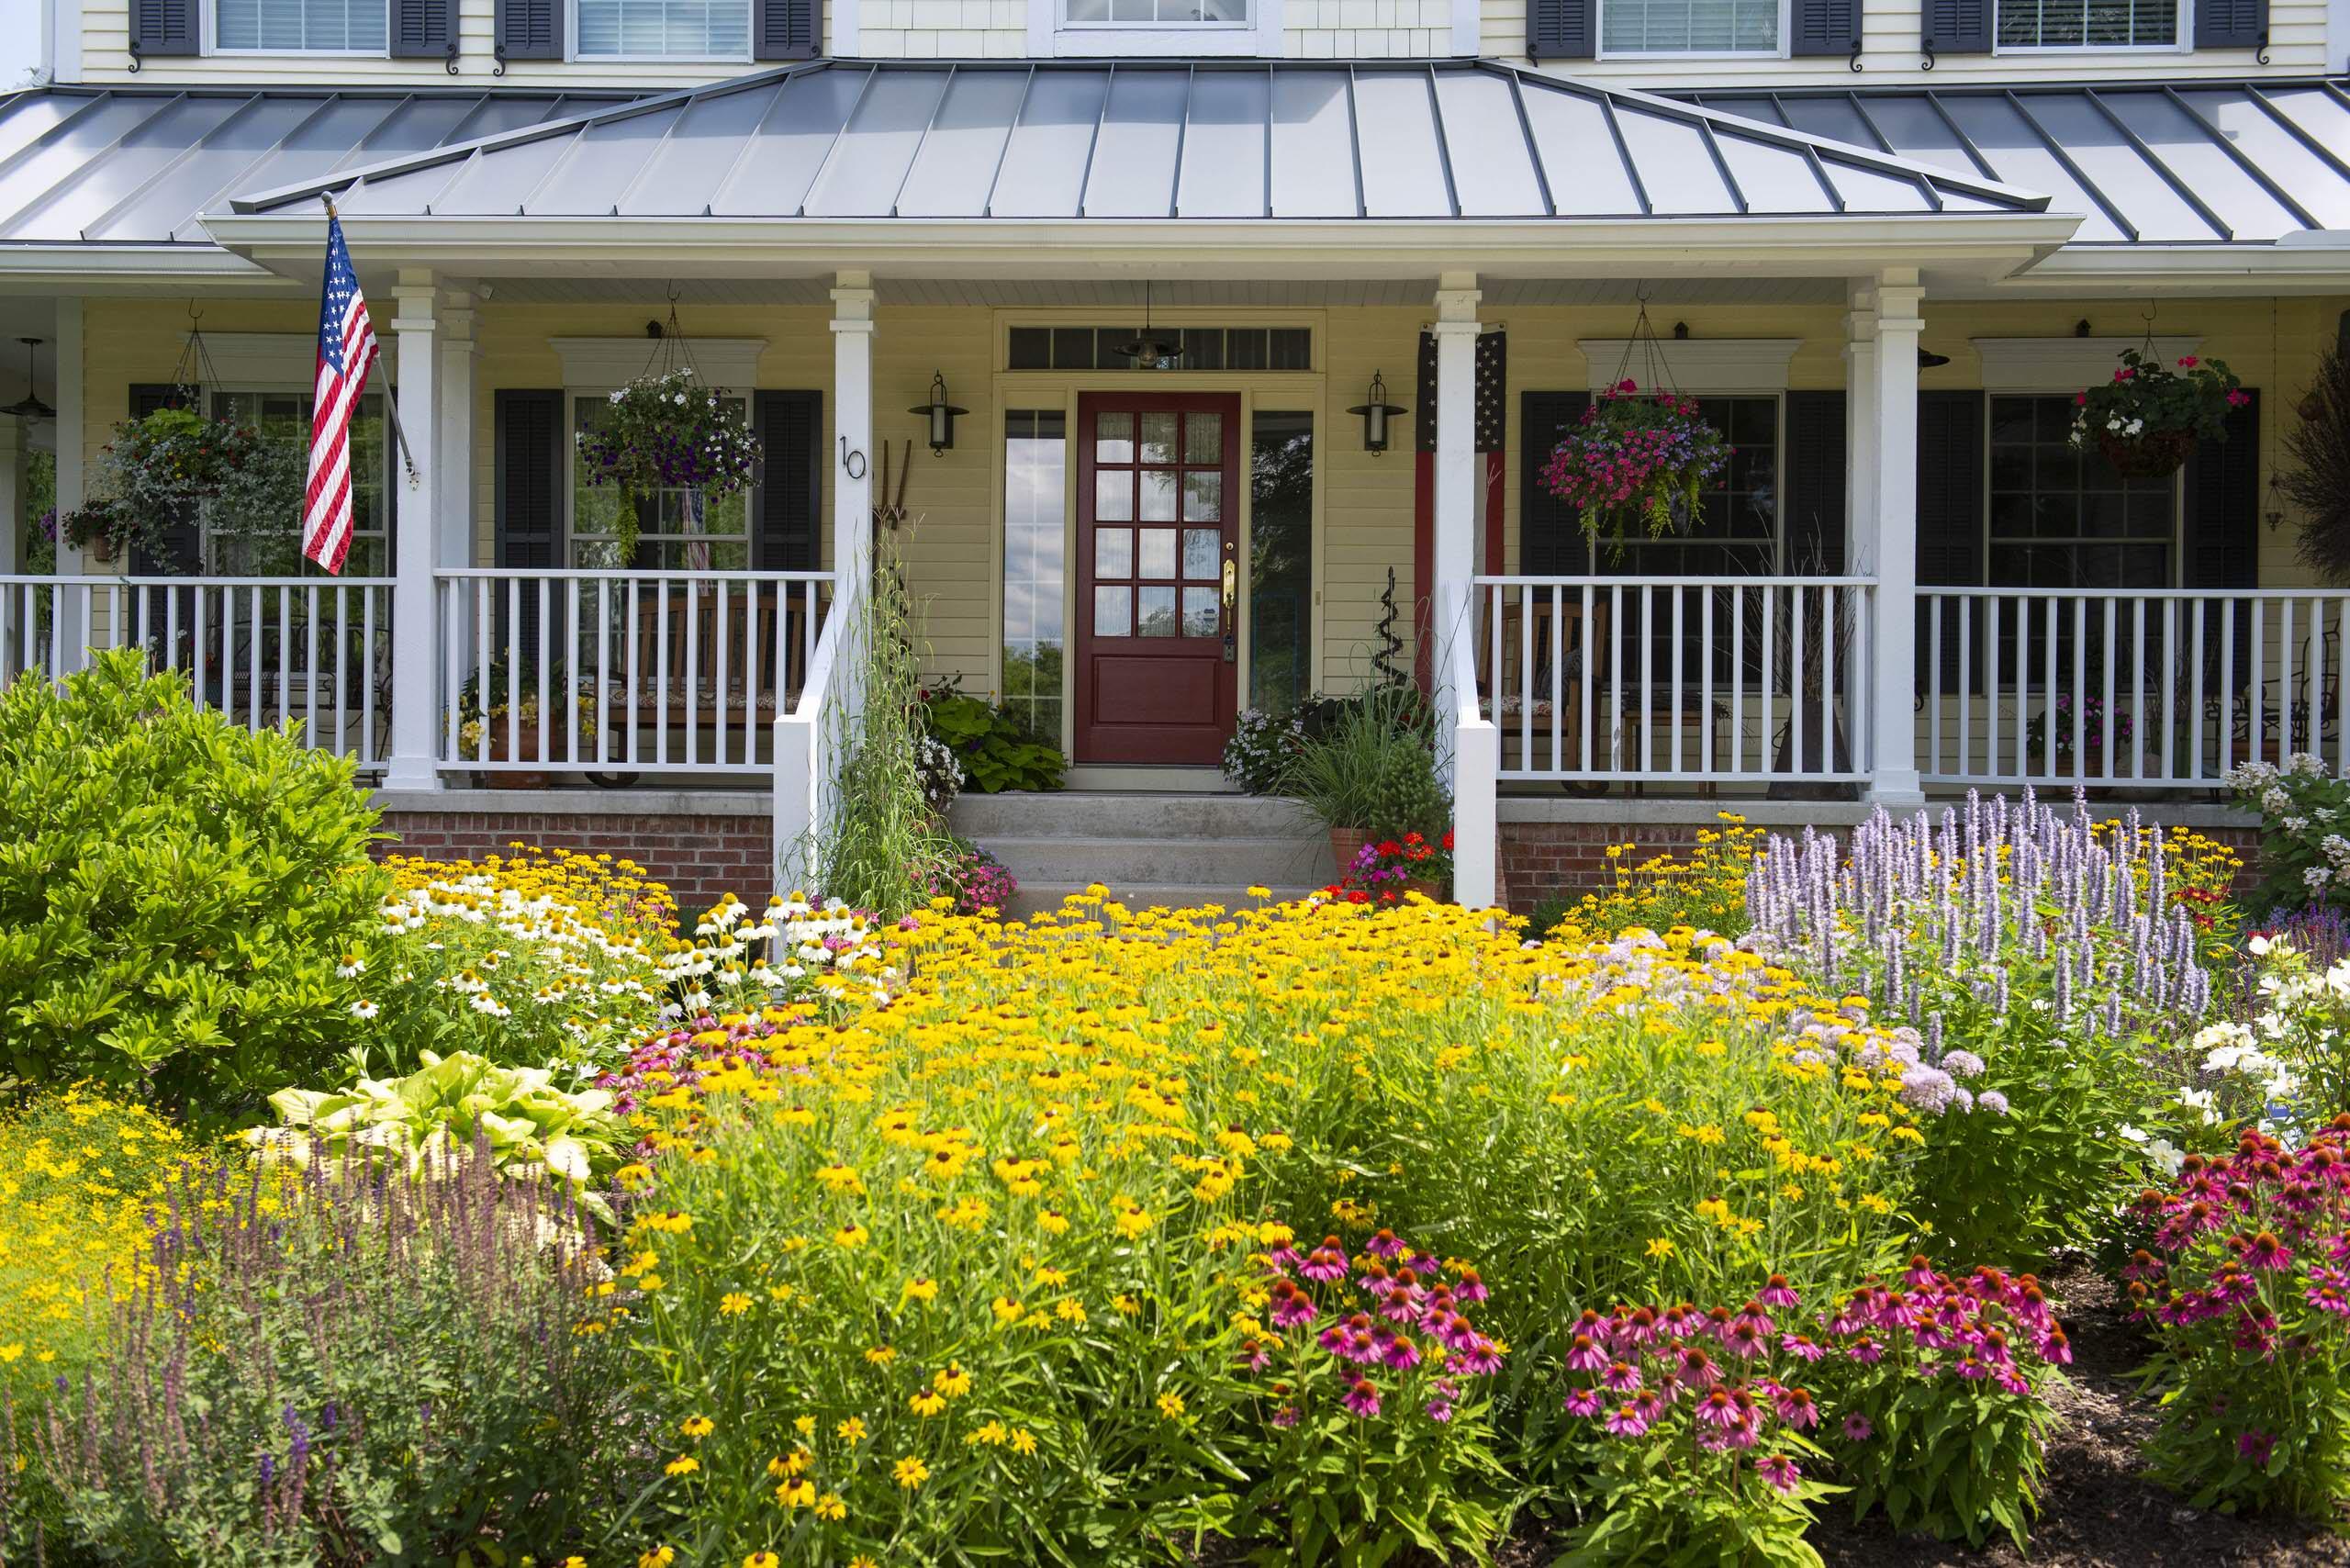 Farmhouse Front Landscape - Hawthorn Woods, IL